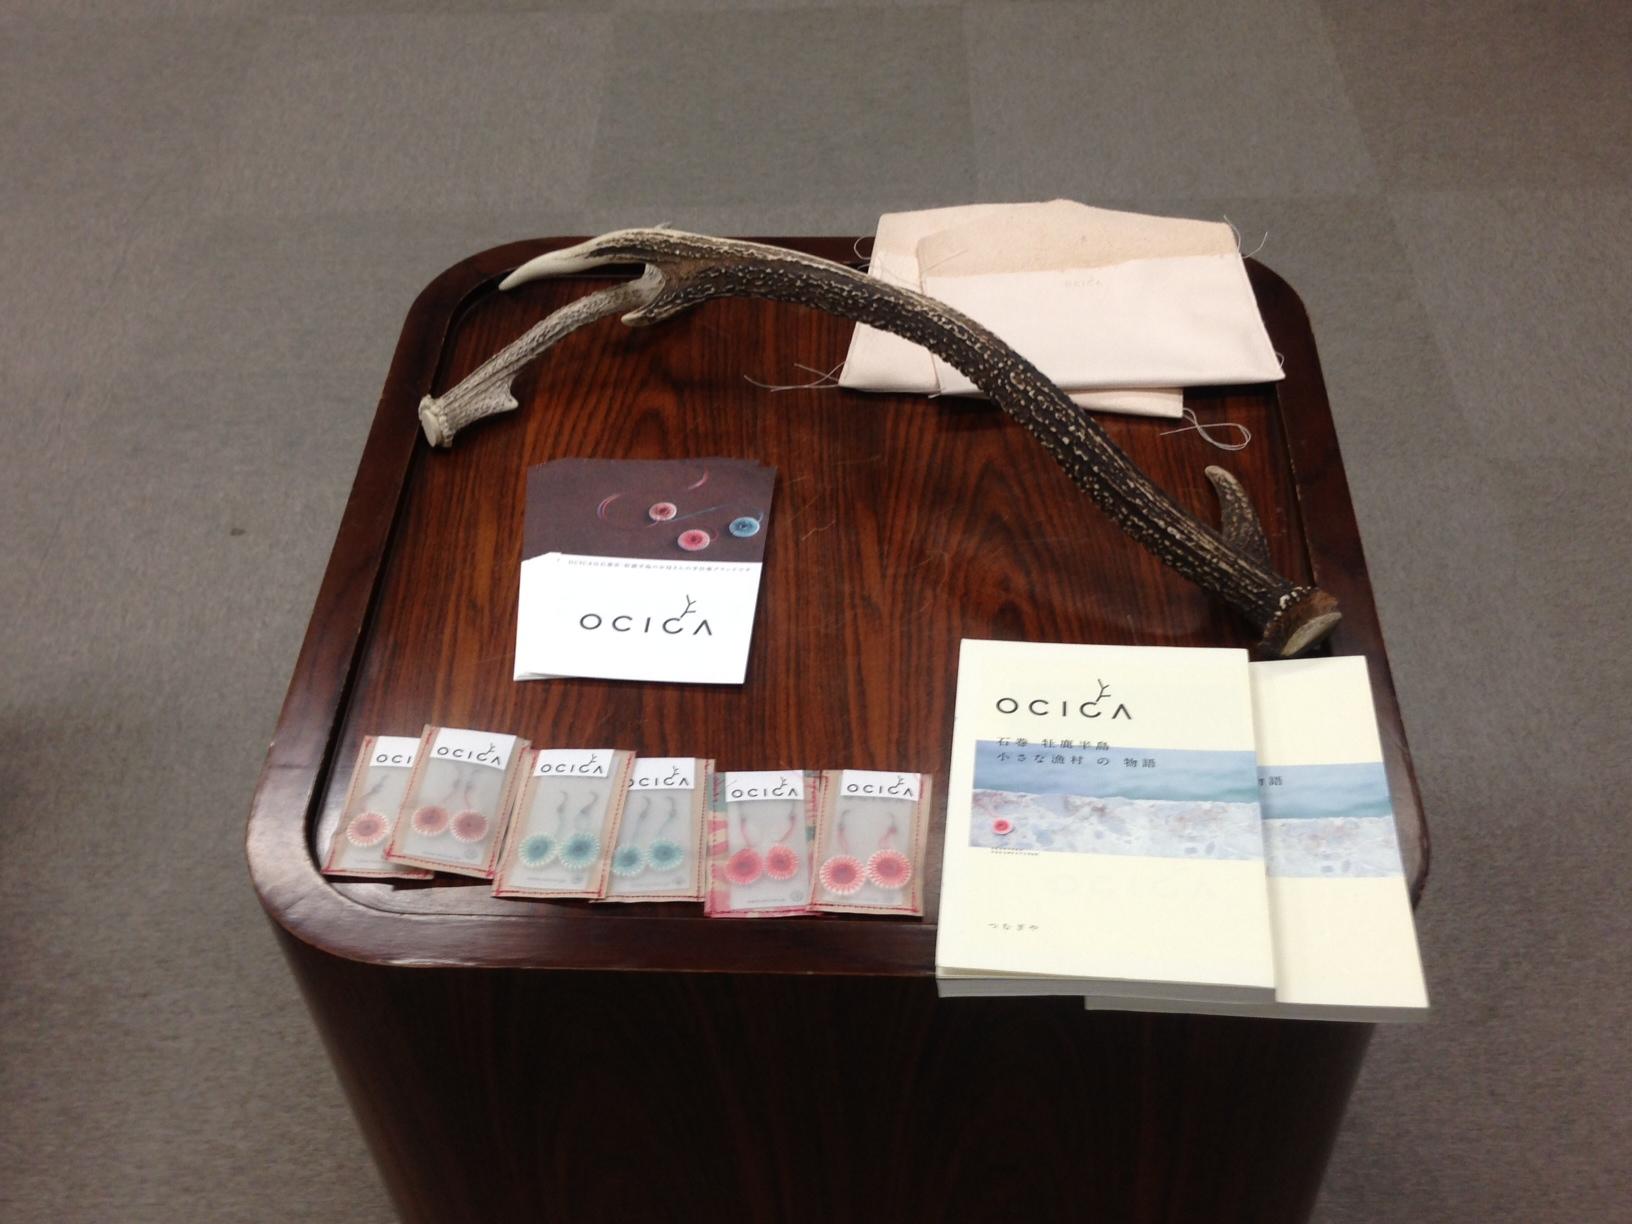 ジラール・ペルゴ:東北復興支援、時計ジャーナリスト広田雅将氏が講義_f0039351_1827556.jpg